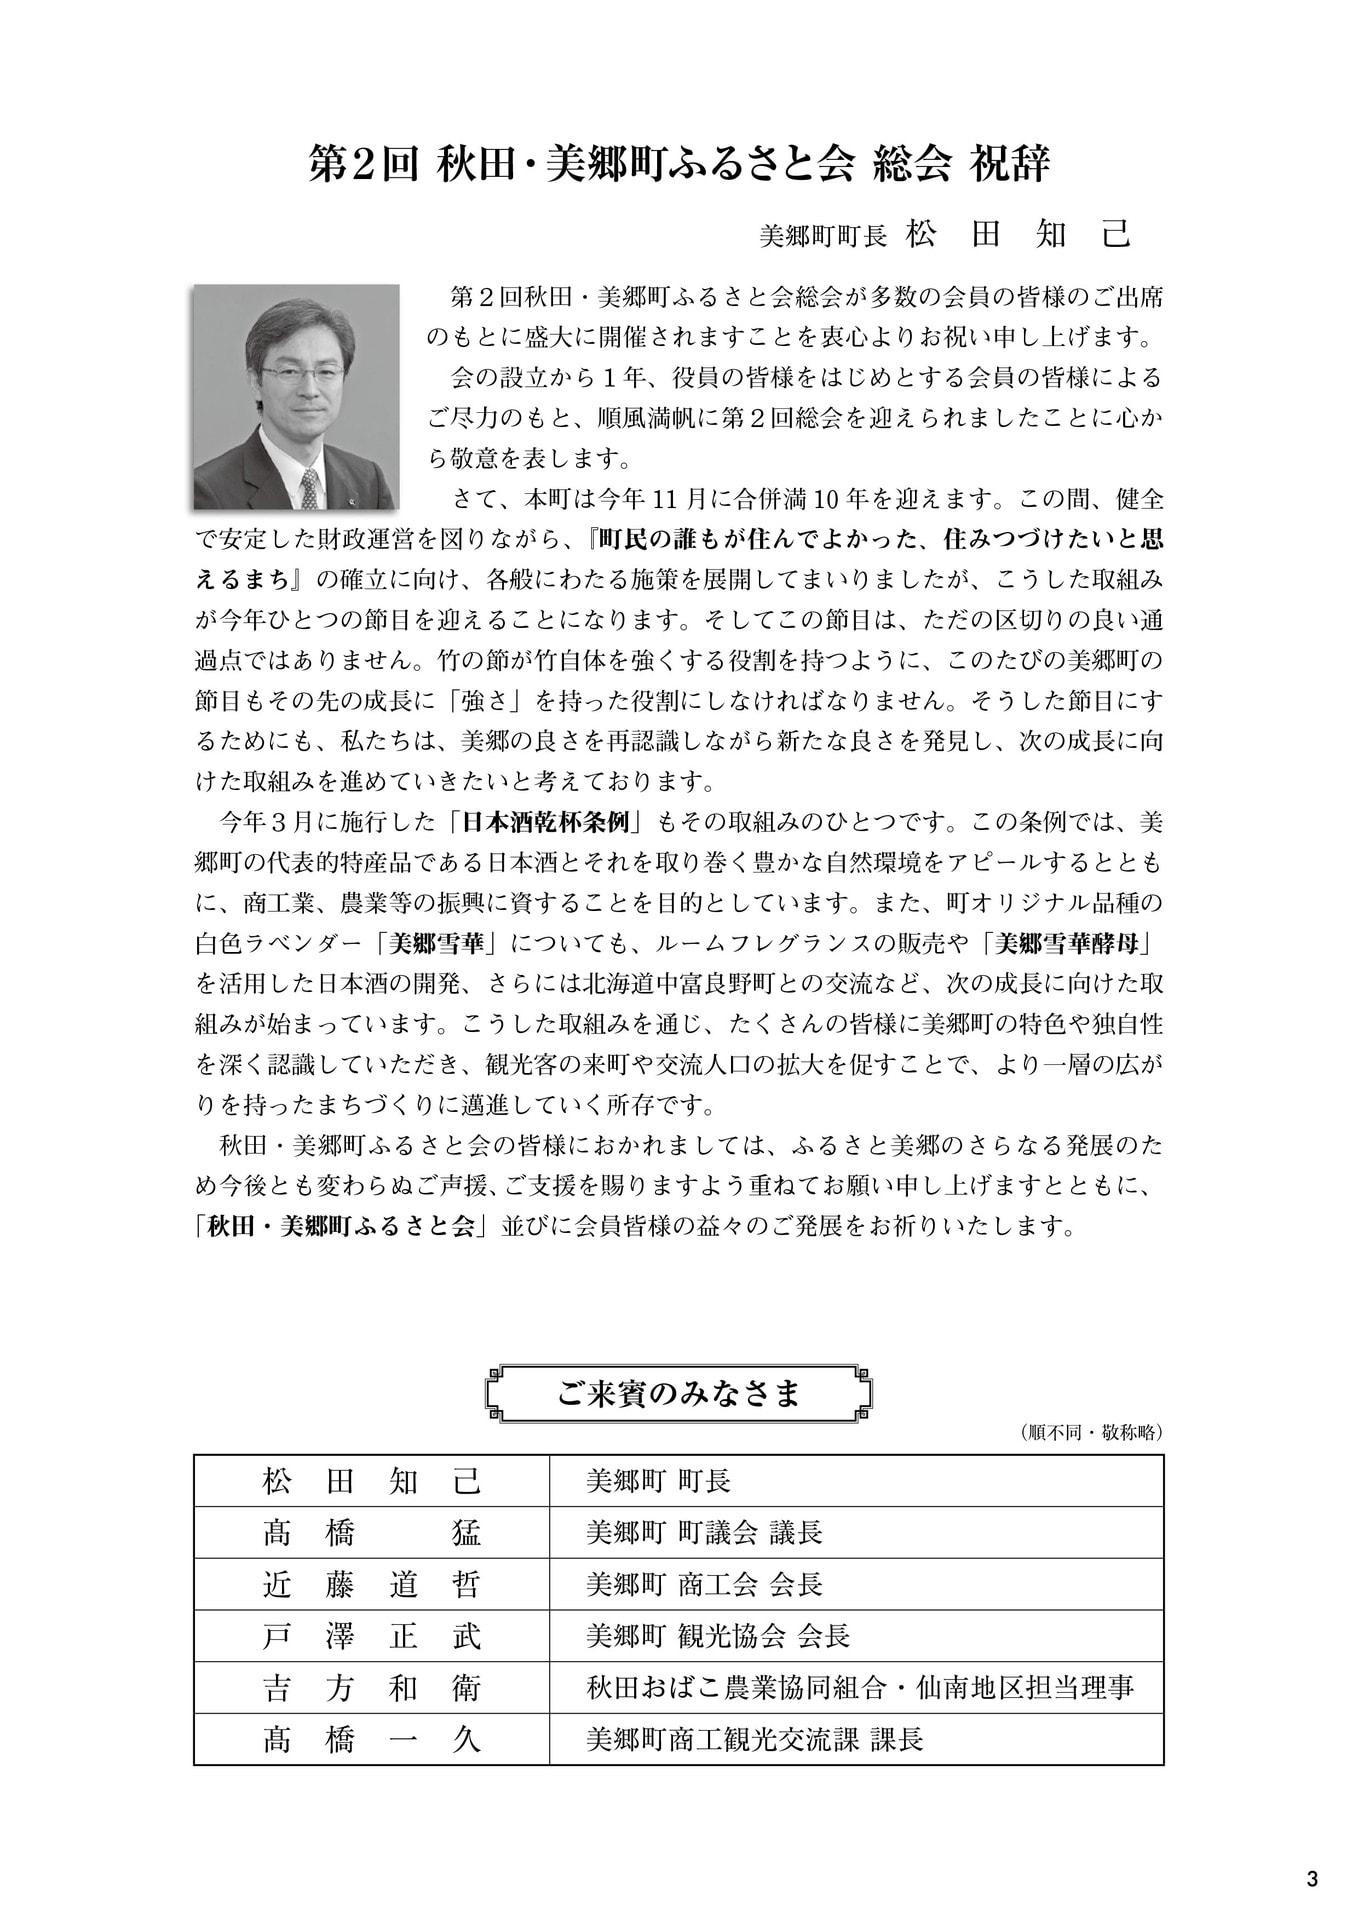 第2回秋田・美郷町ふるさと会パンフレット(祝辞)